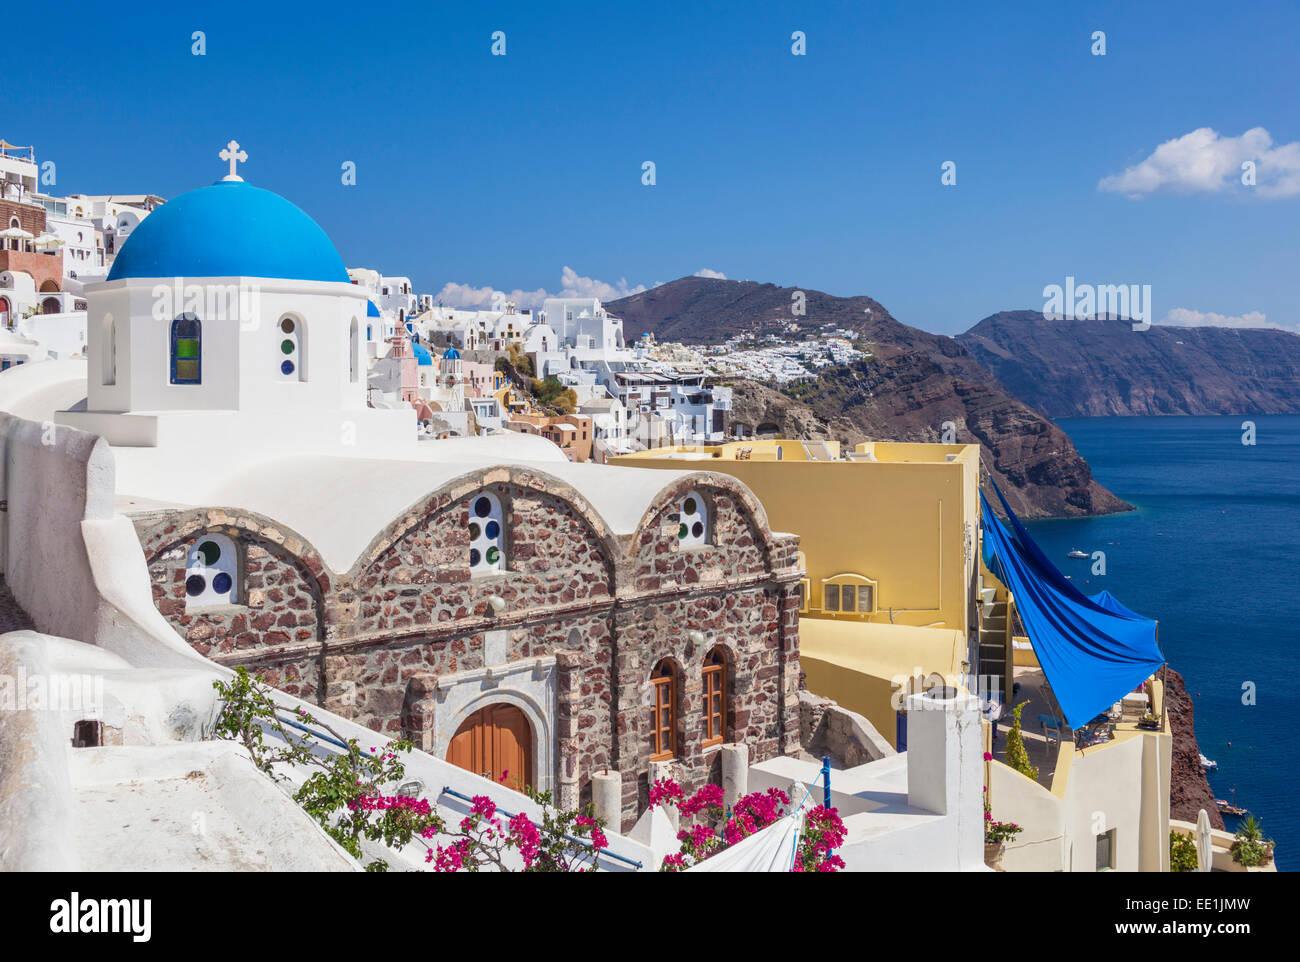 Griechische Kirche von St. Nikolaus mit blauer Kuppel, Oia, Santorini (Thira), Kykladen, griechische Inseln, Griechenland, Stockbild